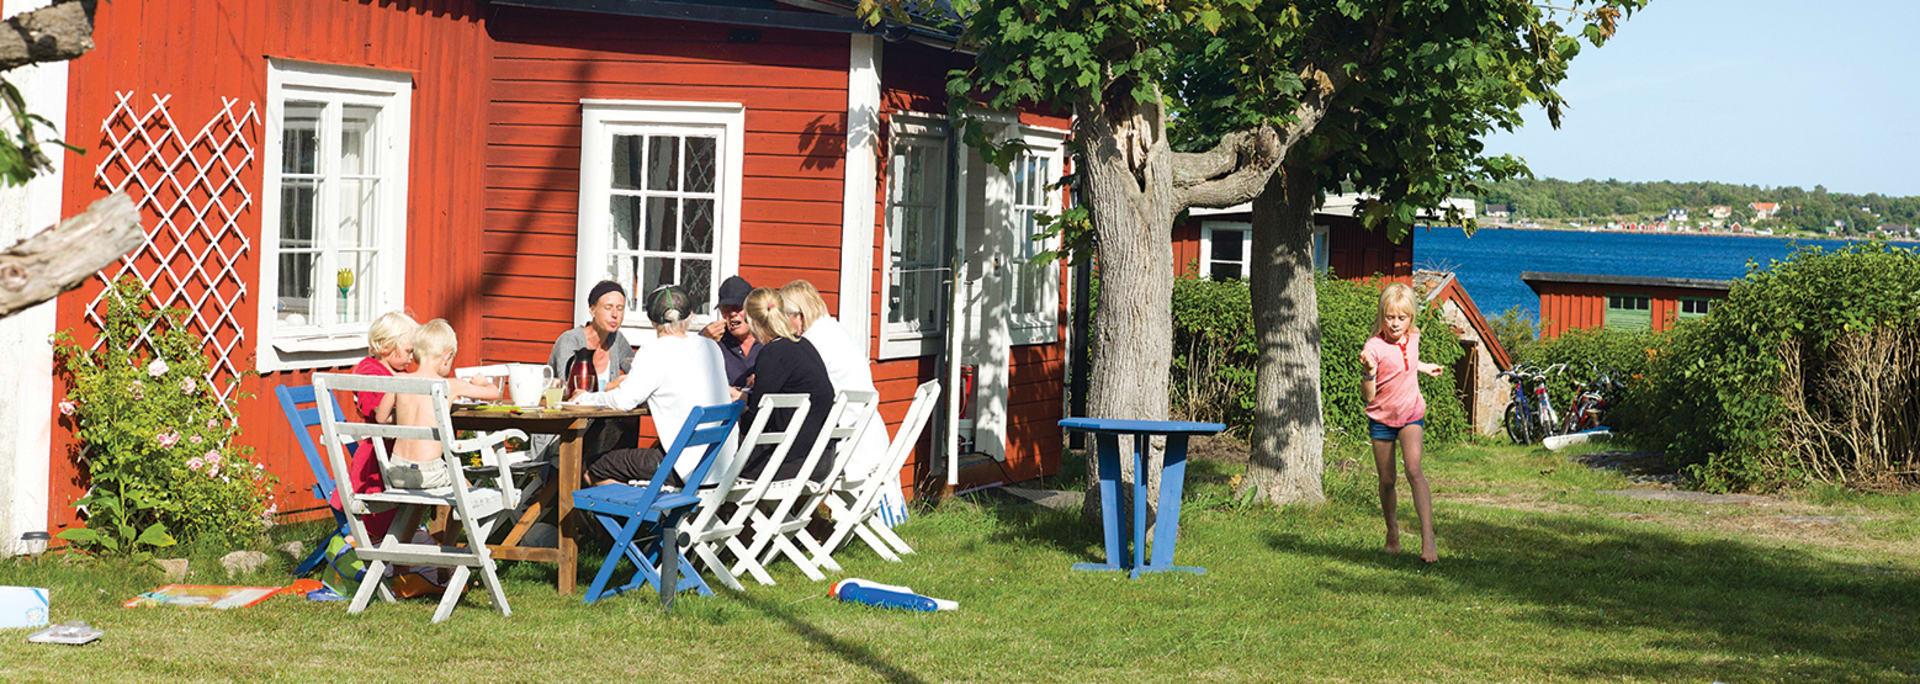 Familj äter frukost vid sommarstugan en solig sommardag